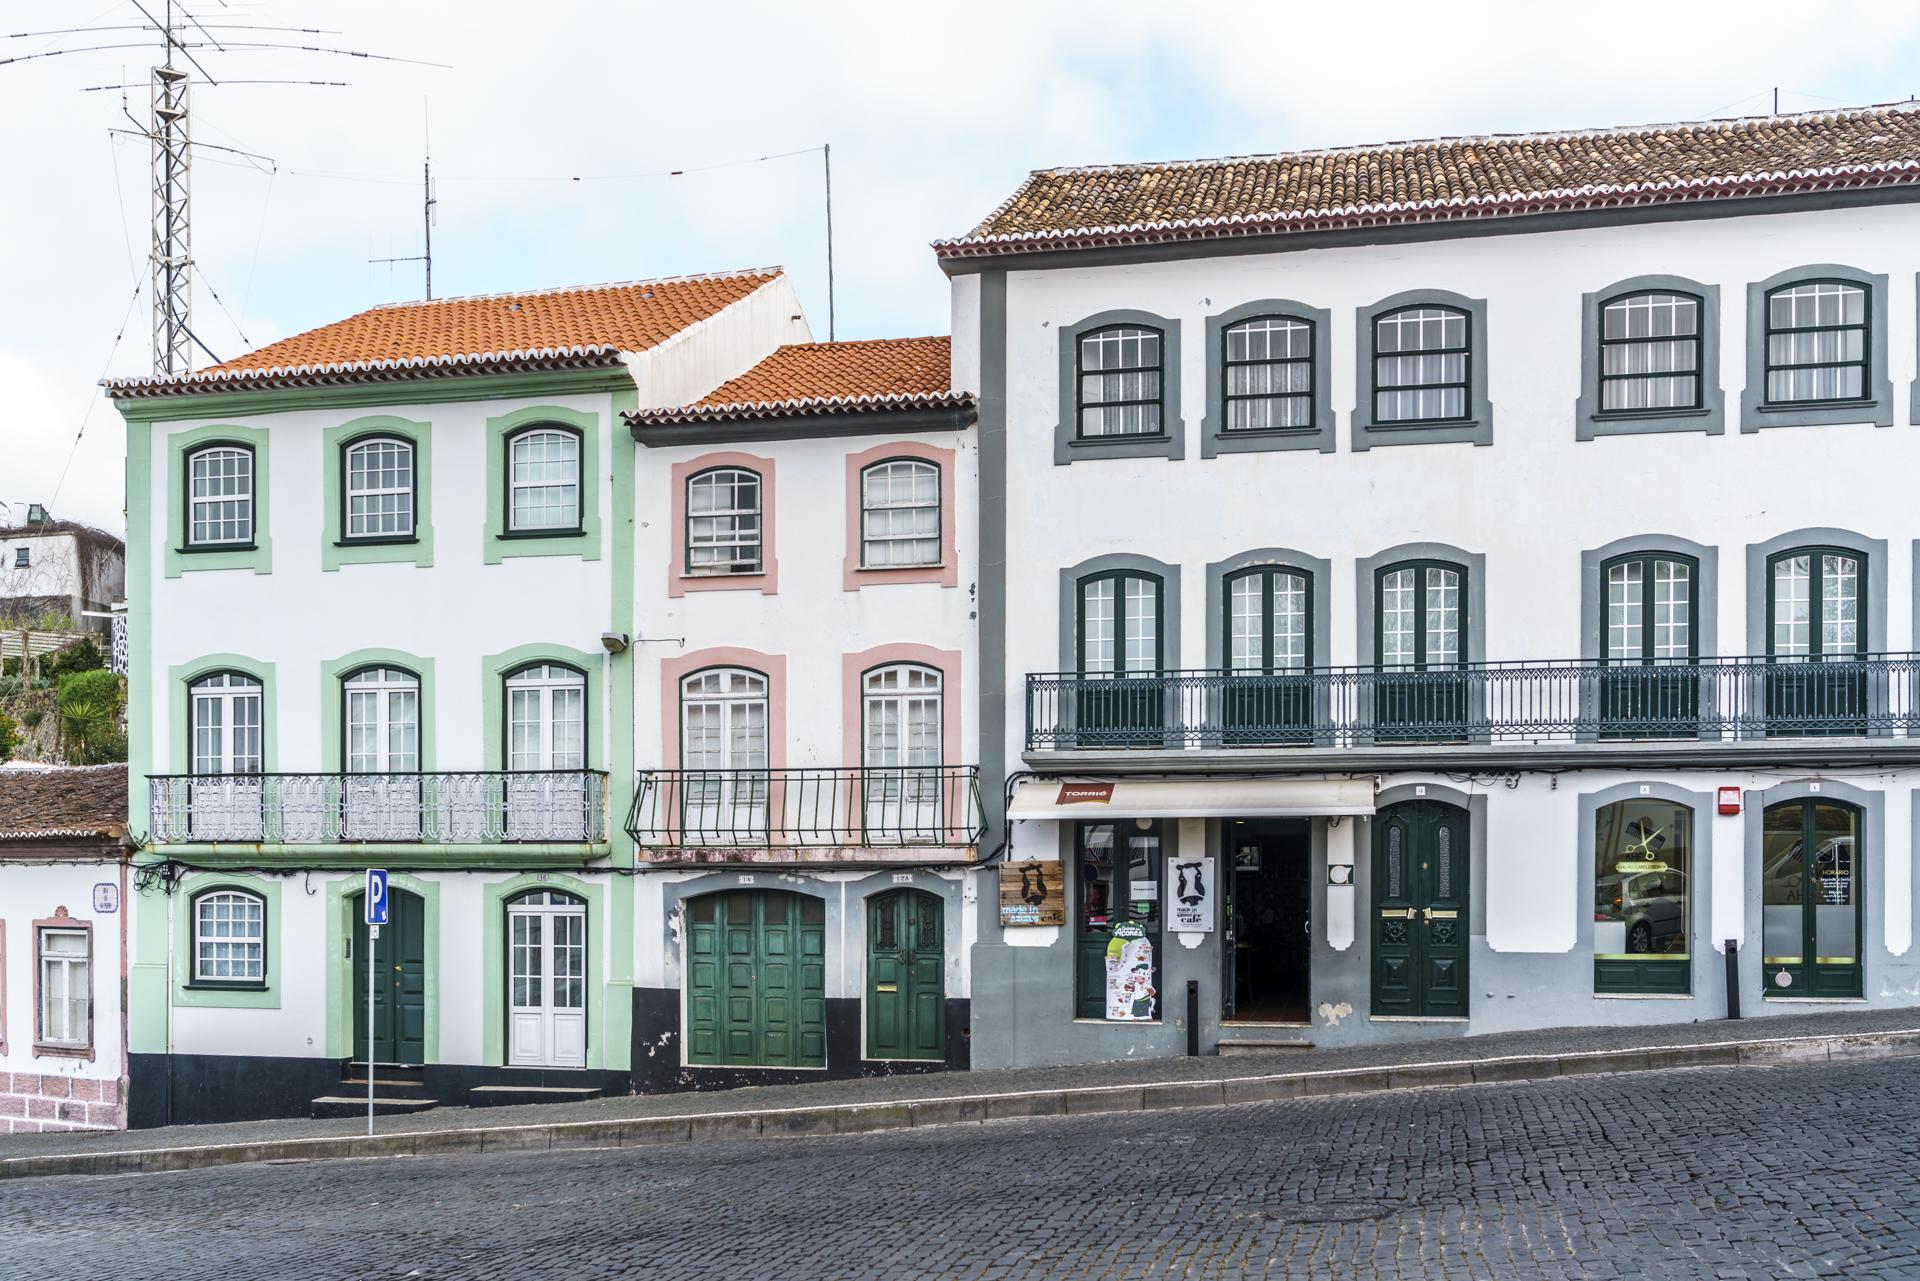 Angra Hauptstadt Terceira